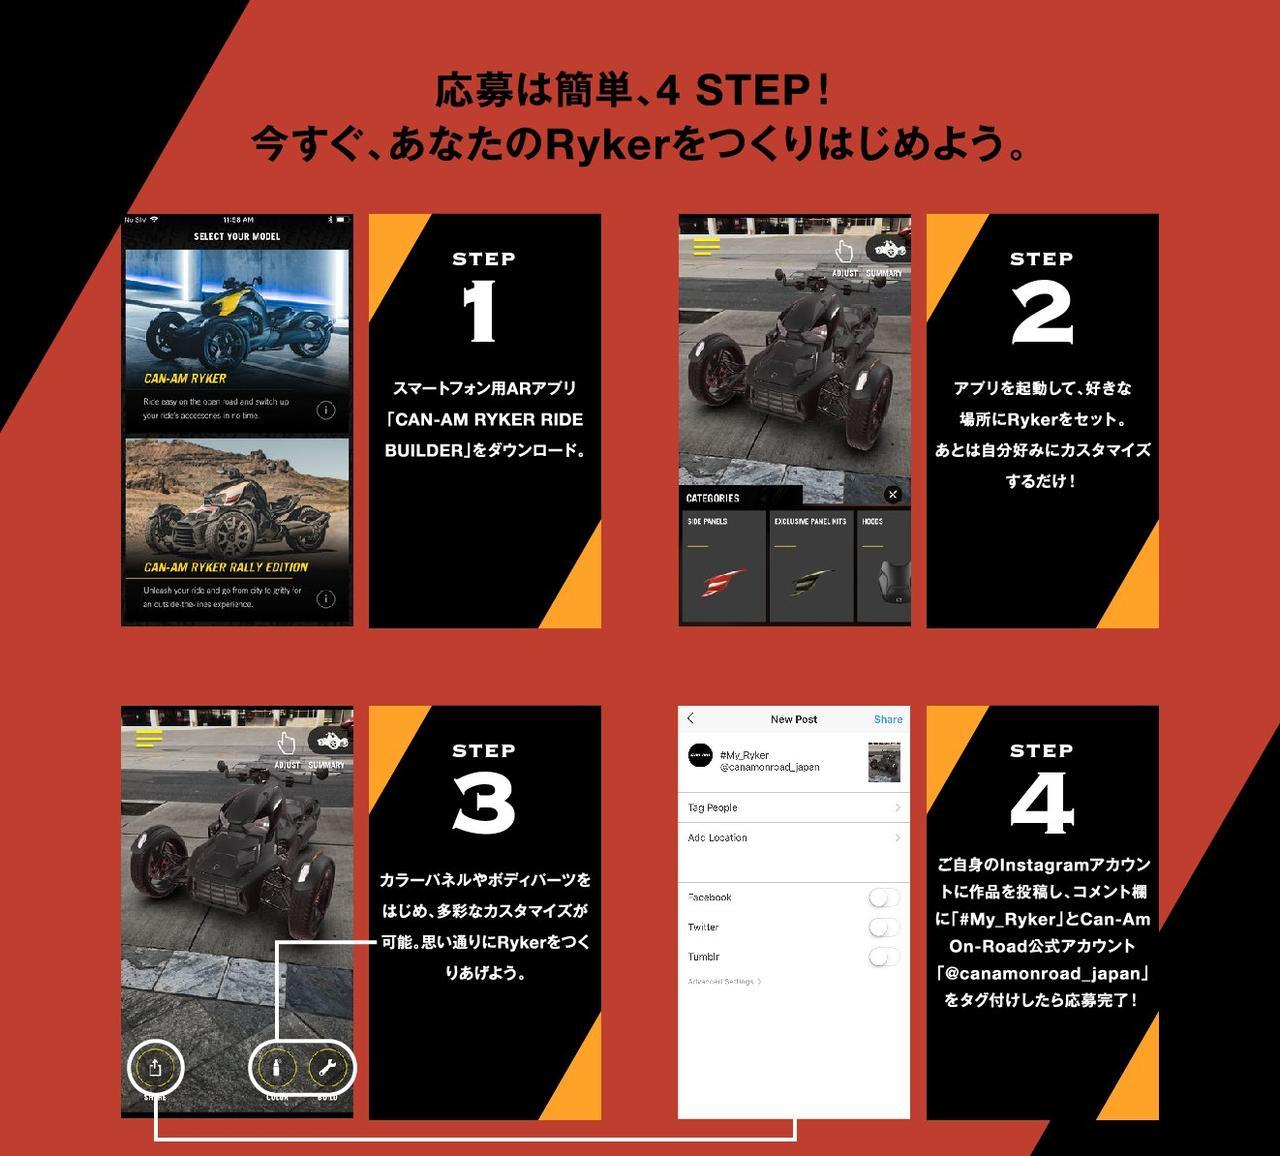 画像: Can-Am Ryker - Capture The One | Can-Am Spyder Japan radiop radiov share tool undo hide xo xp xv c1p c2p c3p c4p c5p c6p c7p c8p c9p c0p c1v c2v c3v c4v c5v c6v c7v c8v c9v c0v arrowo arrowv back backarrow boxp boxv calcul cchecko ccheckp ccheckv cerclep cerclev checko checkp checkv closeo closep closev quote email expand view info location ovalep ovalev pin pluso plusp plusv print radioo rightangle leftangle download spec eyeview credit payment facebook twitter instagram youtube cbackarrowo printo shareo warning edit wrench pinmap localization chelp calfullo cvalideo cclearo cdeleteo caddo cremoveo cinfoo delete twarningo calemptyo cemailo cfacebooko ctwittero cfacebookp cinstagramp ctwitterp cyoutubep grid3x3 twarningp pdf threesixty arrow-black arrow-white play-btn filter search extlinksquare